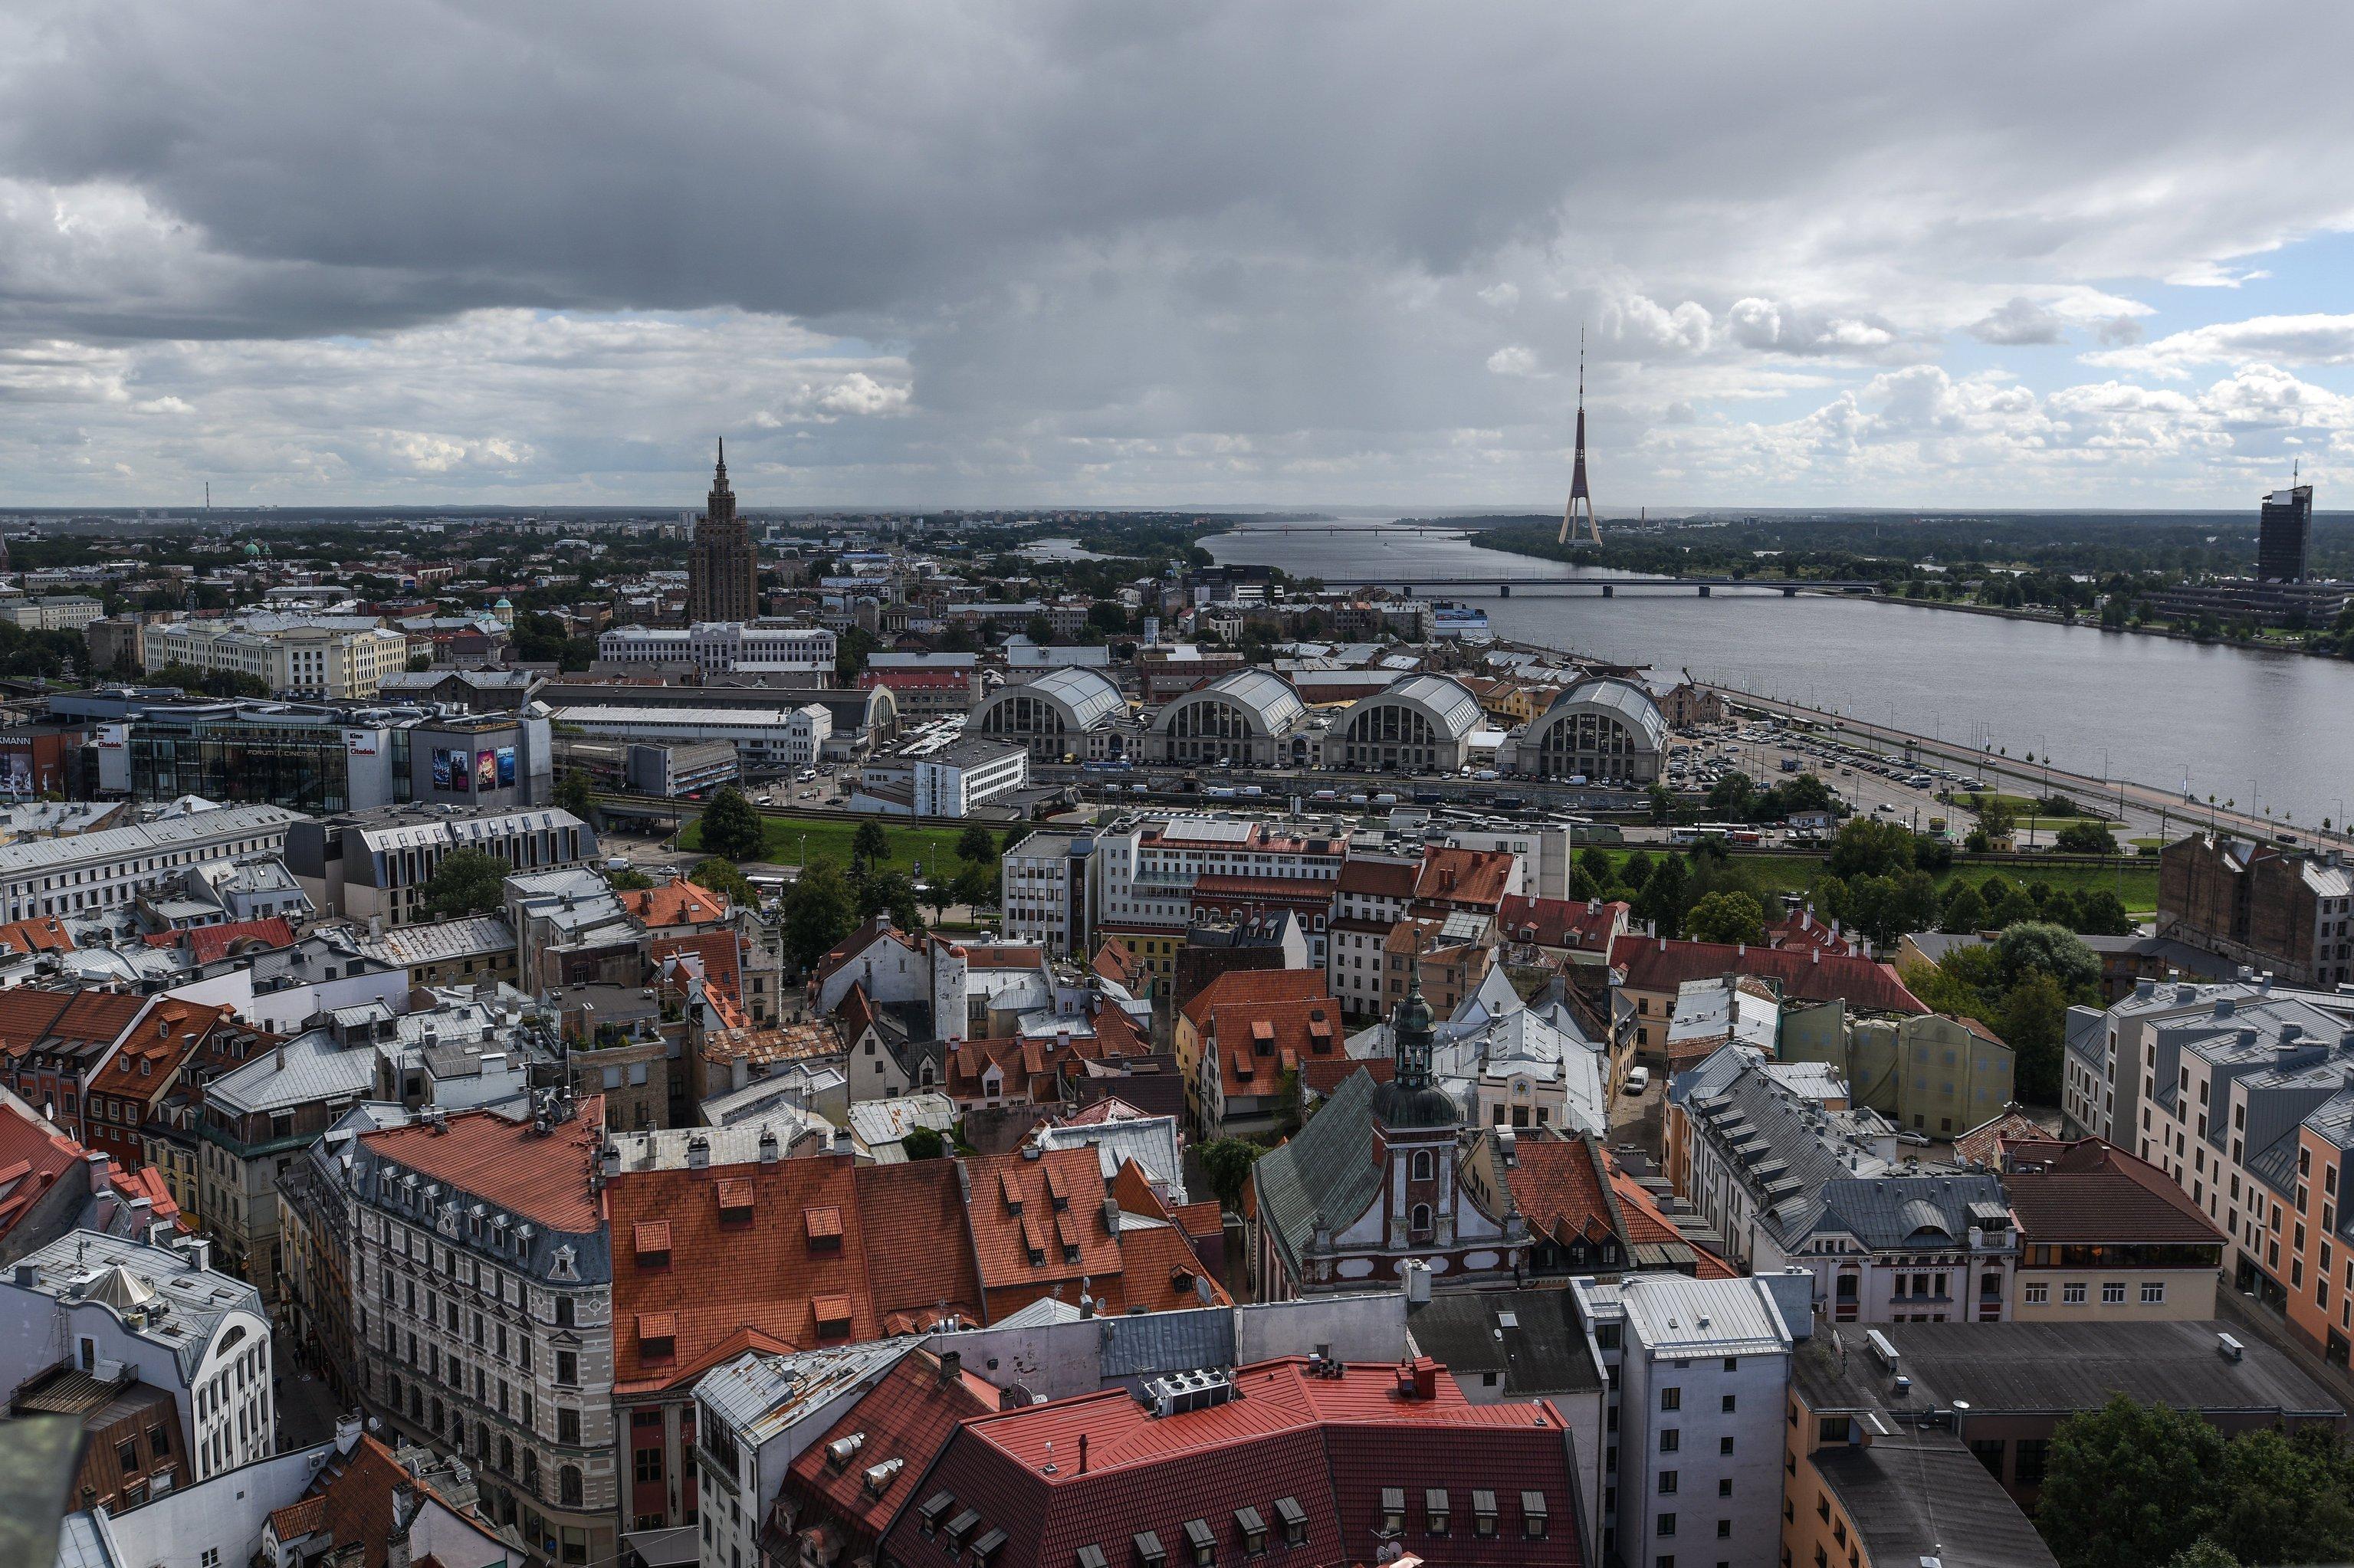 Панорама центральной части города Риги в Латвии